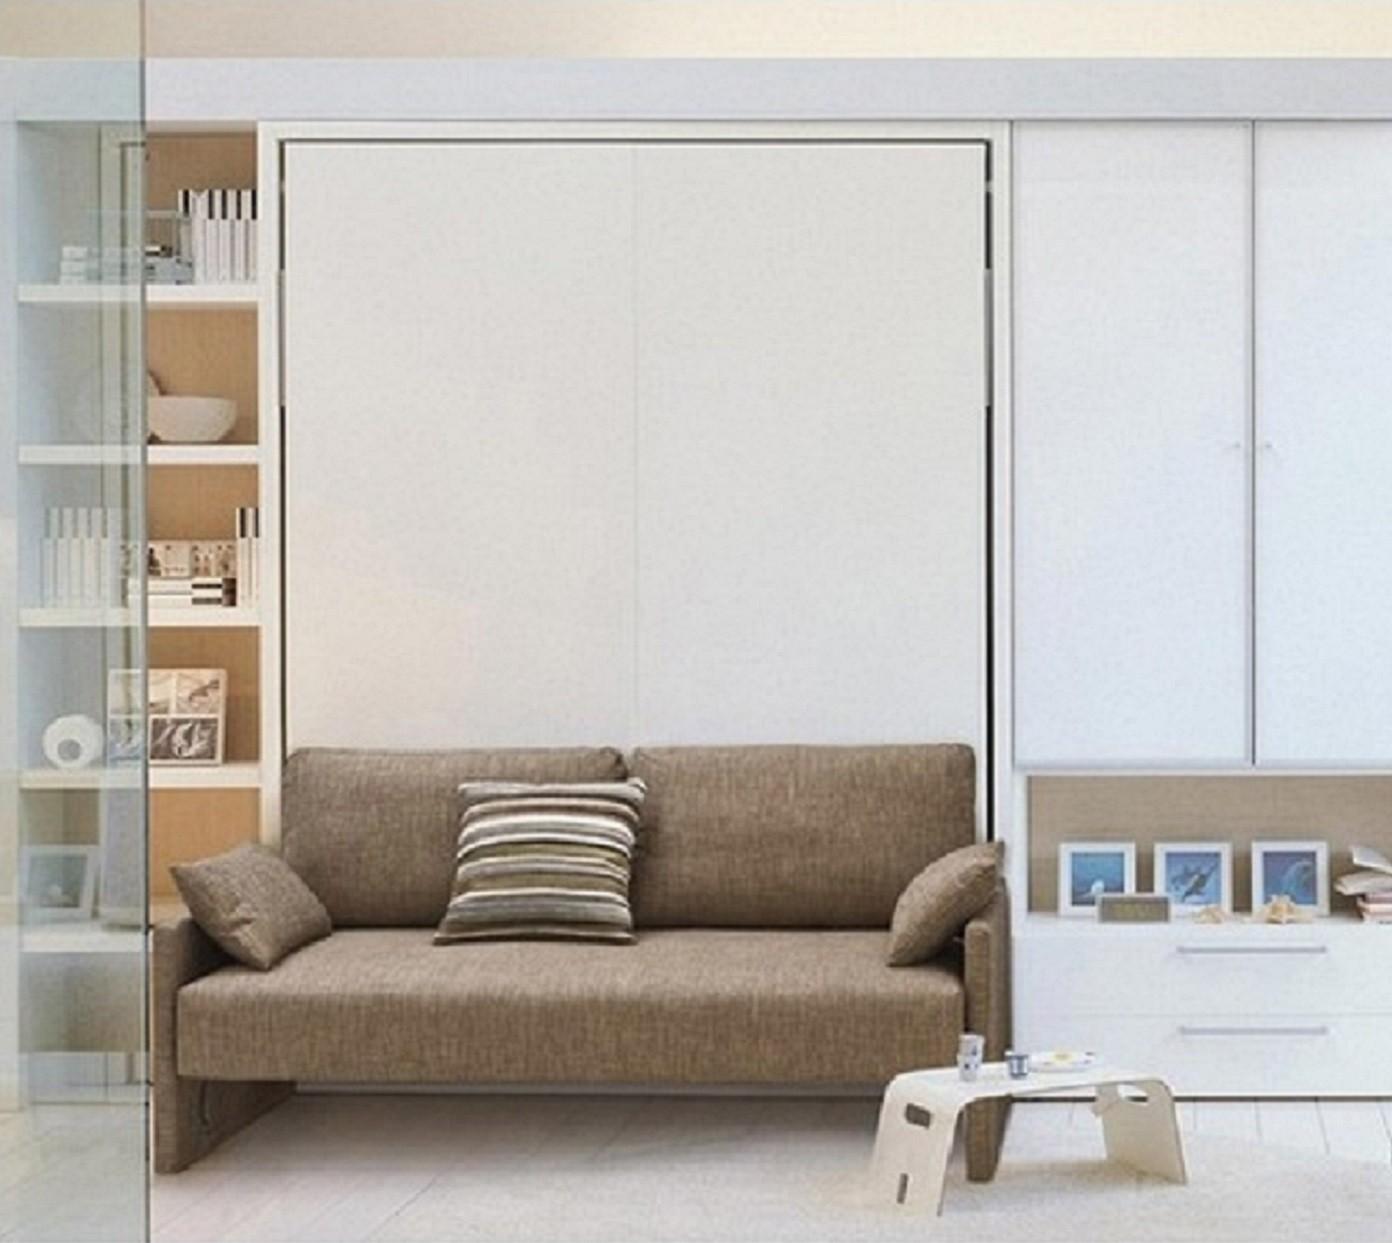 bedkasten speciaalzaak nu ook in breda grote en mooie collectie bedkasten voor logeren en. Black Bedroom Furniture Sets. Home Design Ideas